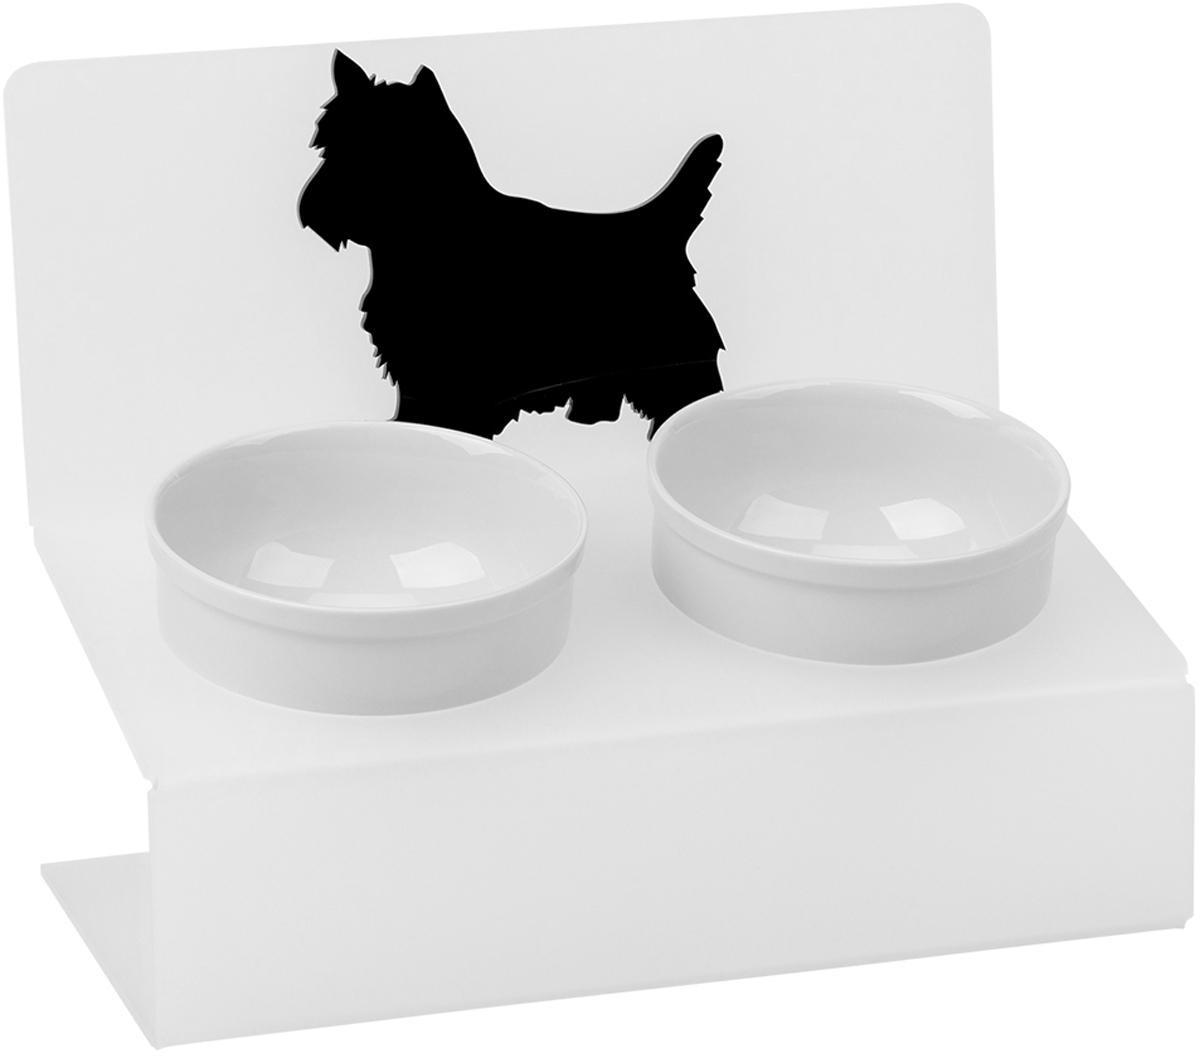 Миска для животныx Artmiska Любимая собачка, двойная, на подставке, цвет: белый, 2 x 350 мл собачьи миски на подставке